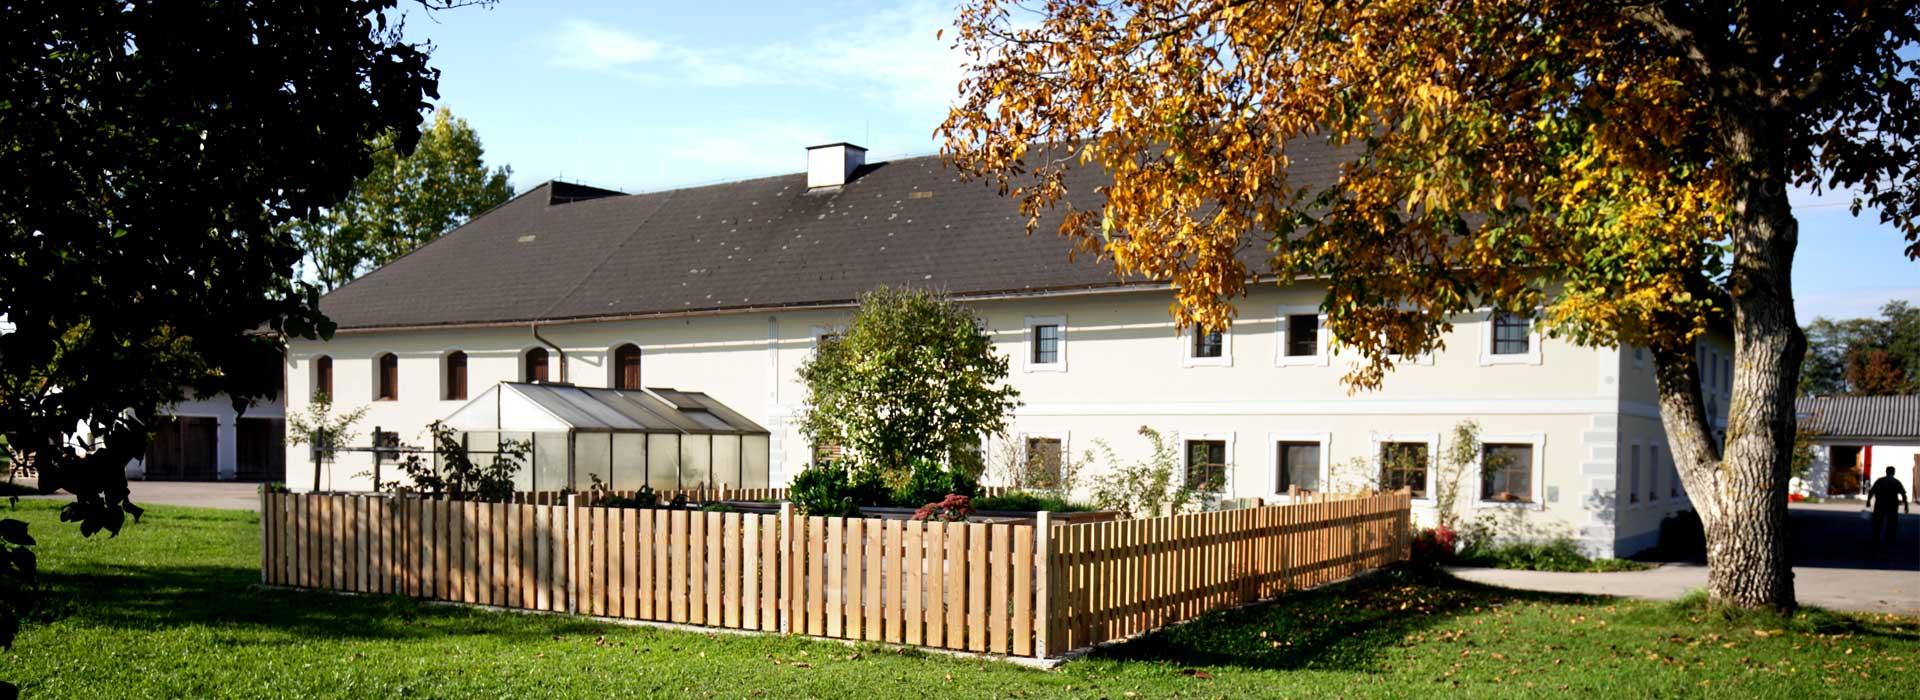 Unser-Hof